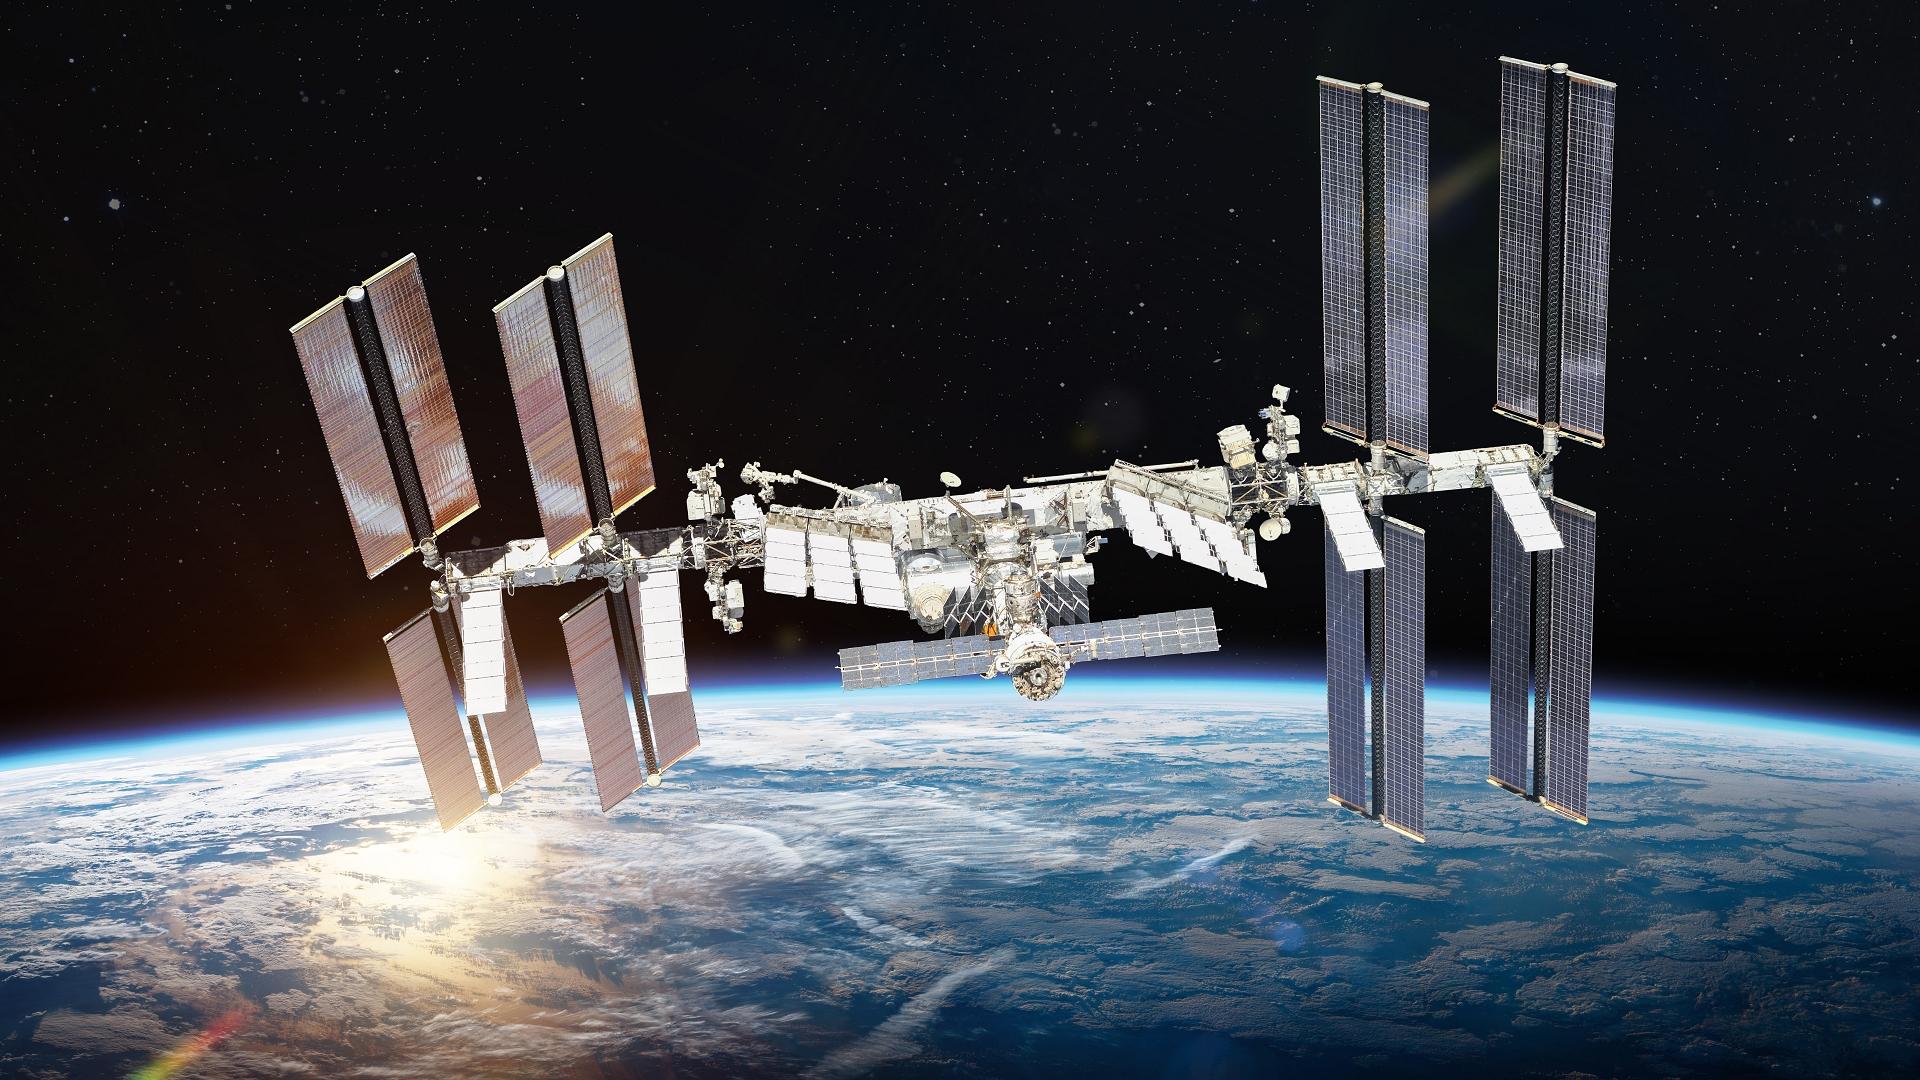 本当にある?国際宇宙ステーション(ISS)とはいったい何なのか?